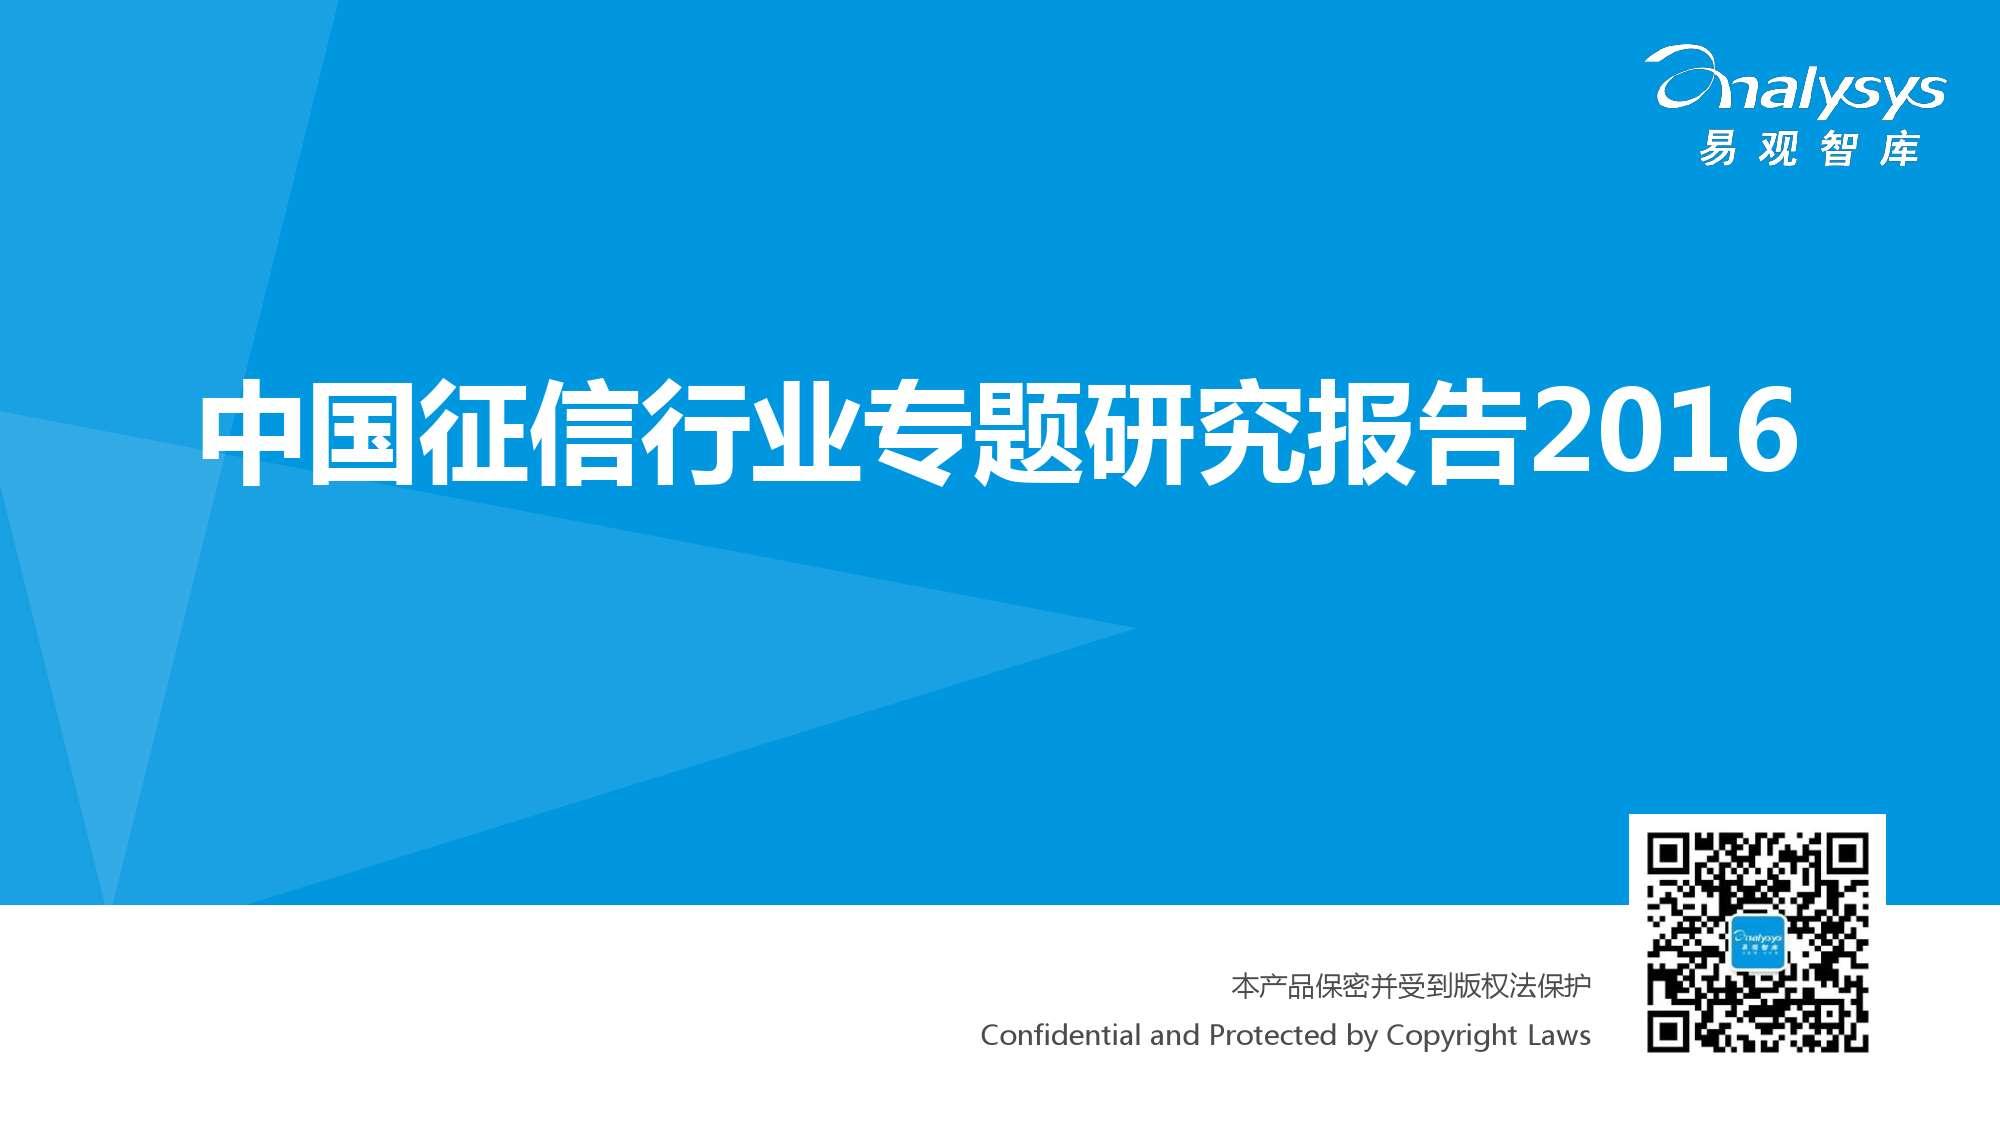 中国征信行业专题研究报告2016_000001